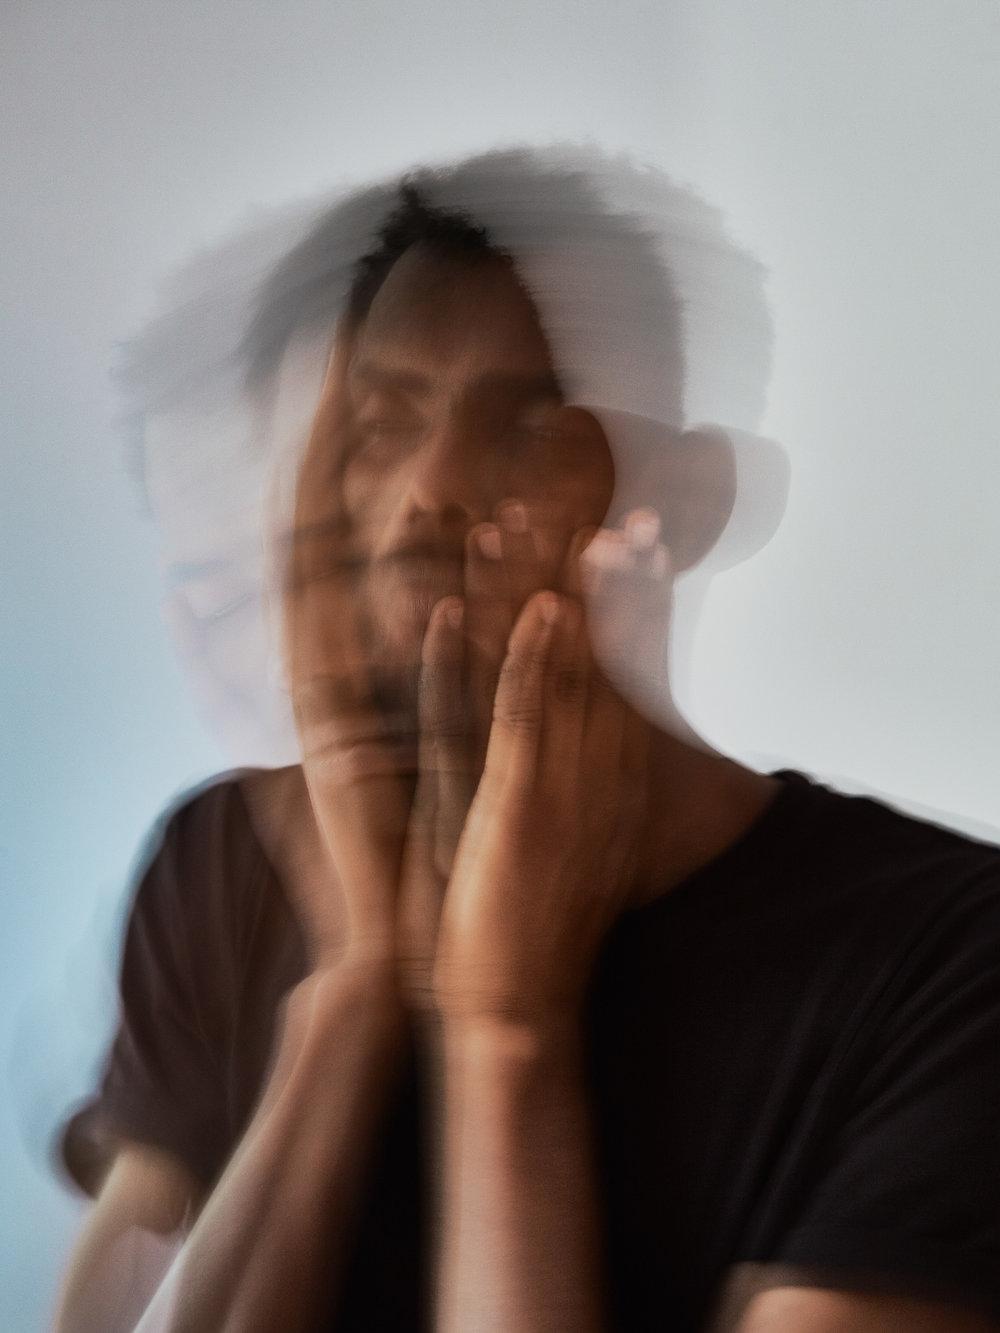 Tod im Paradies   Amanuel Teklay war ein Freund Meharis. Trotz traumatischer Erlebnisse auf der Flucht, hat Amanuel nie den Verstand verloren.